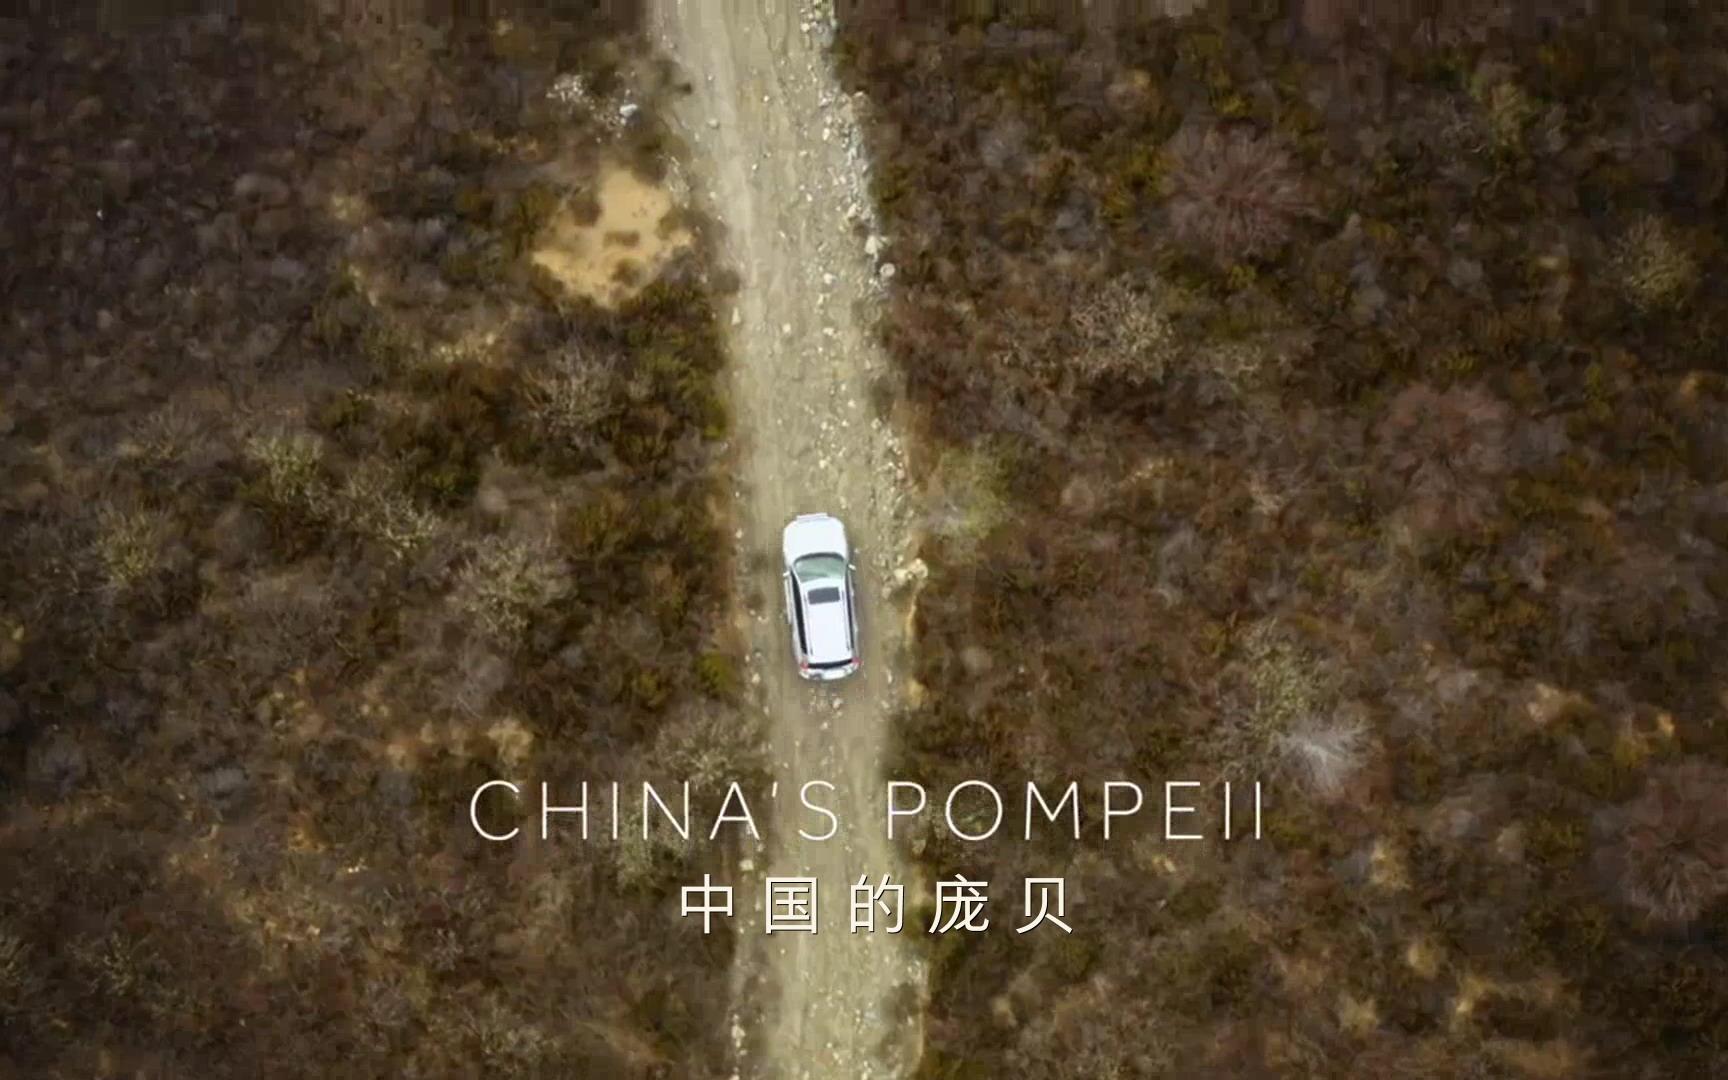 【纪录片】鸟瞰古中国 3 中国的庞贝【1080p】【双语特效字幕】【纪录片之家字幕组】